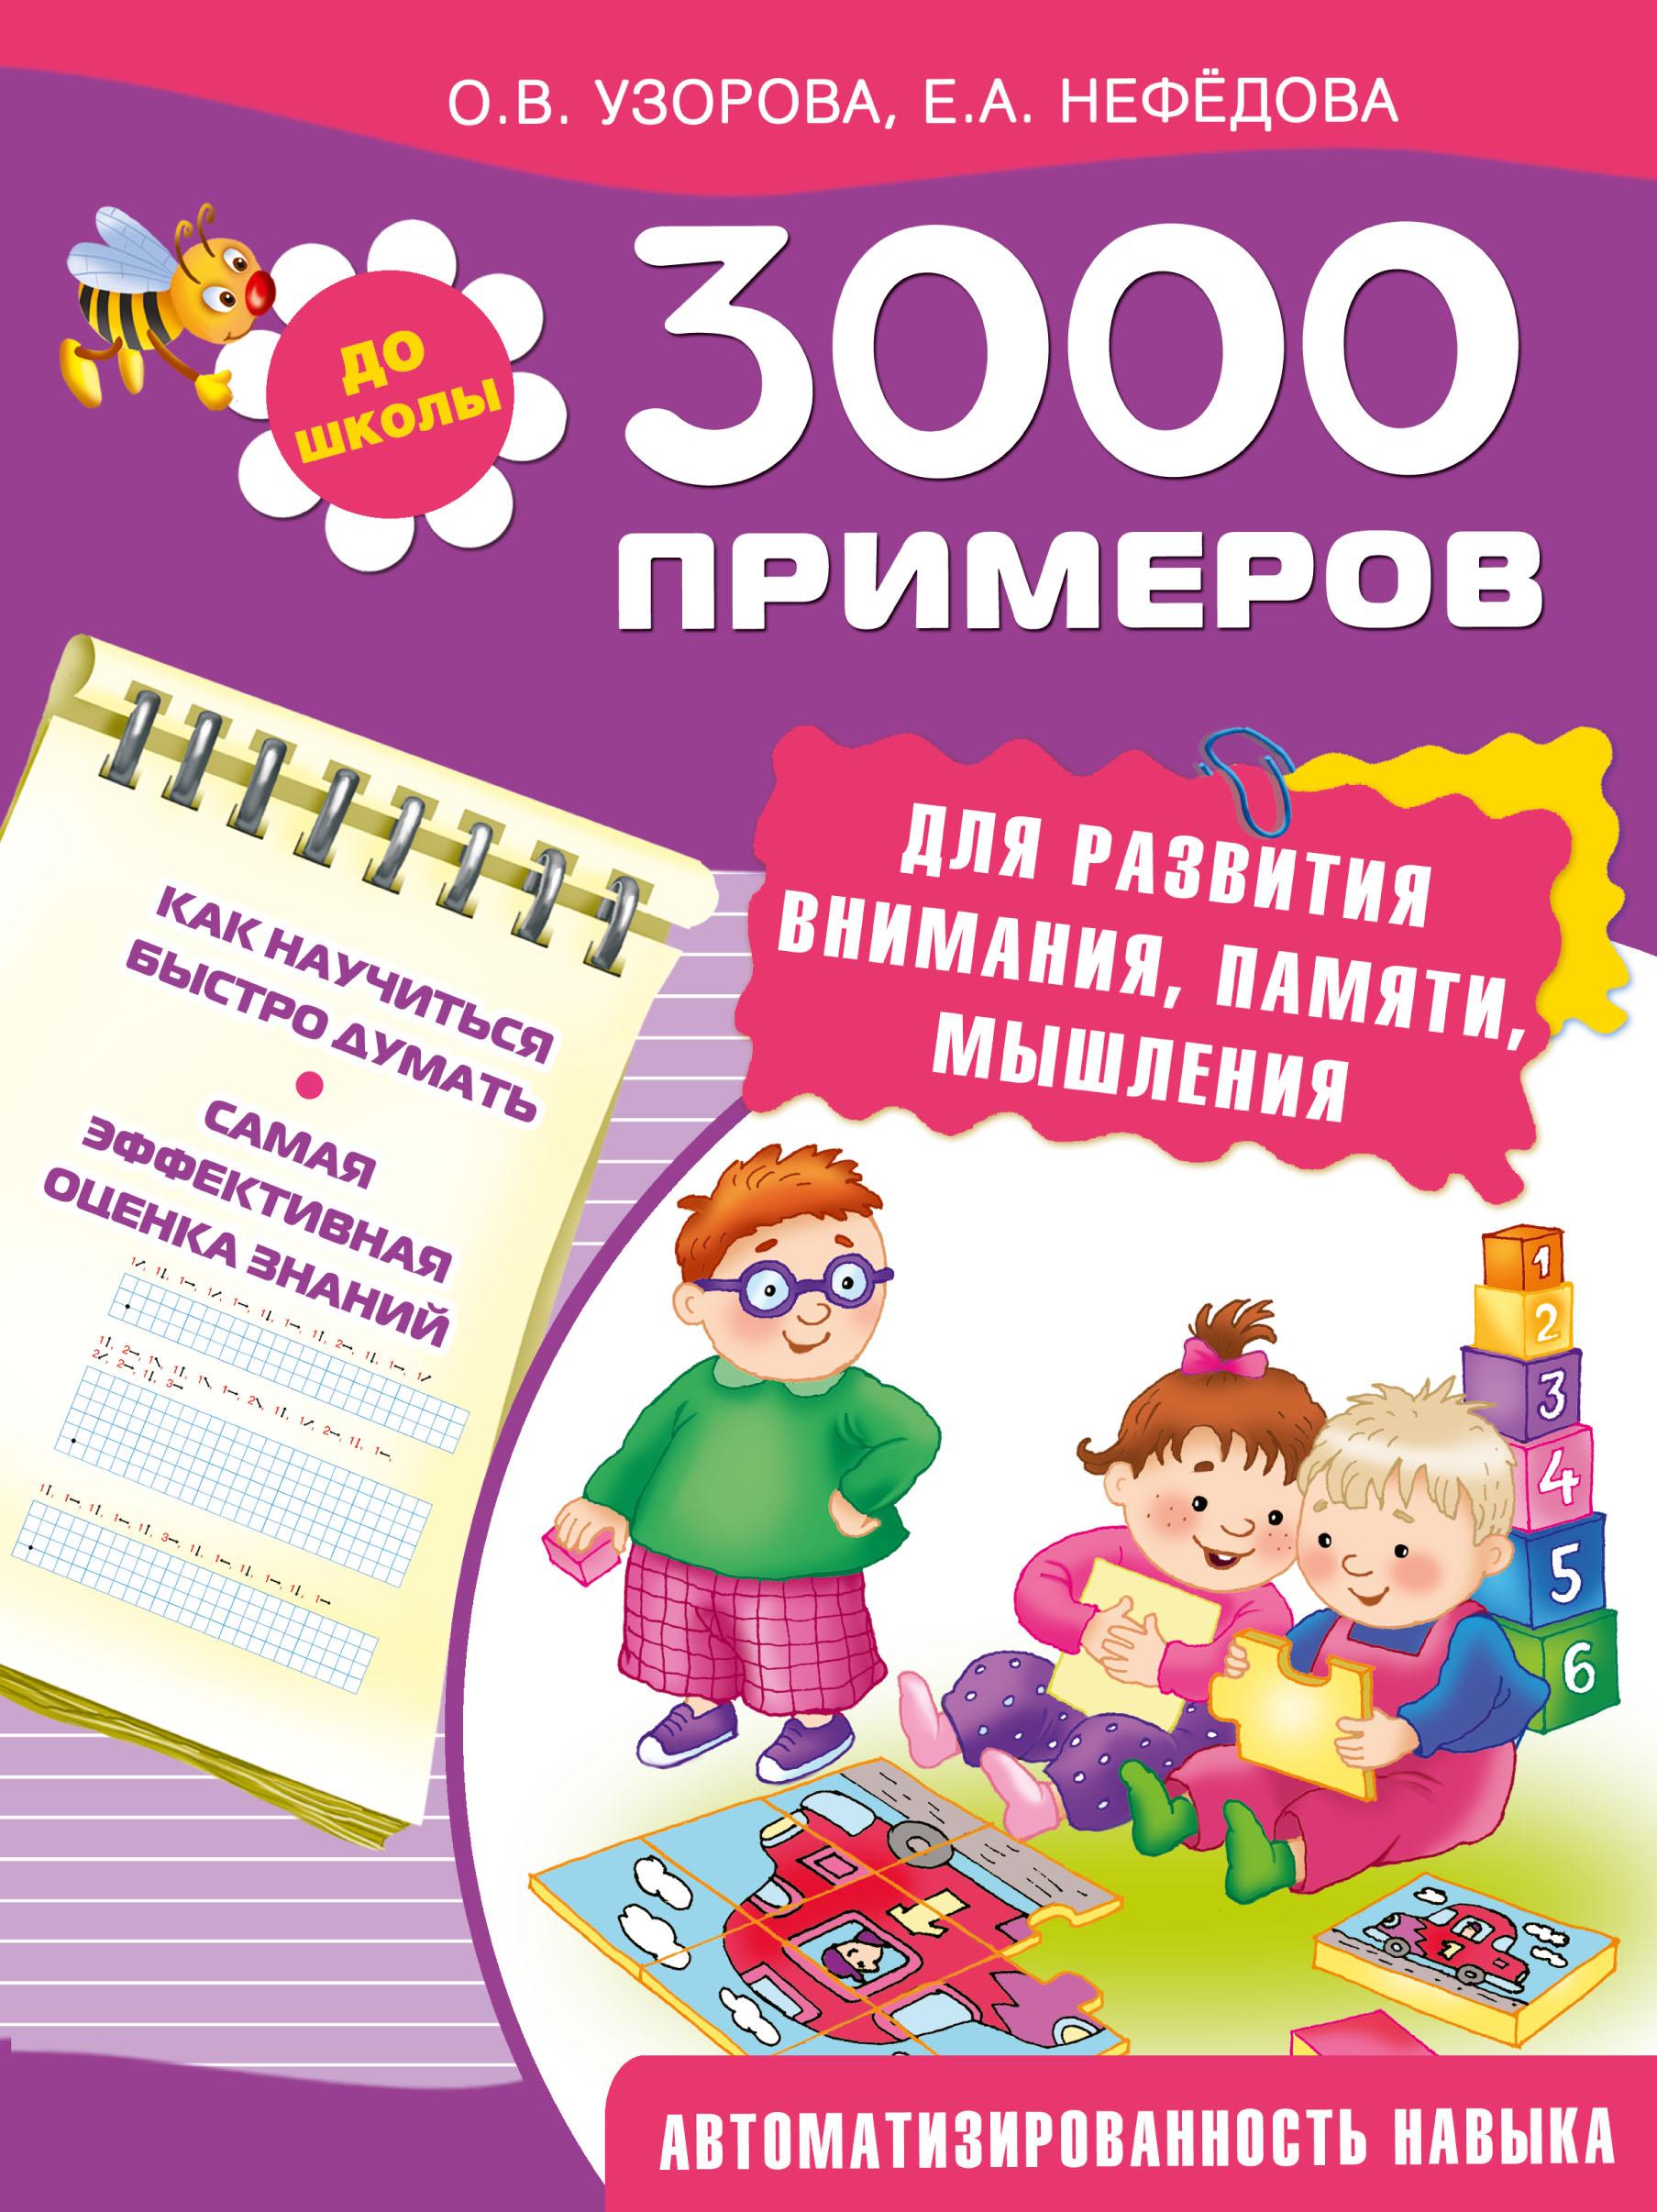 Узорова О.В. 3000 примеров для развития внимания, памяти, мышления о в узорова 3000 примеров для развития внимания памяти мышления